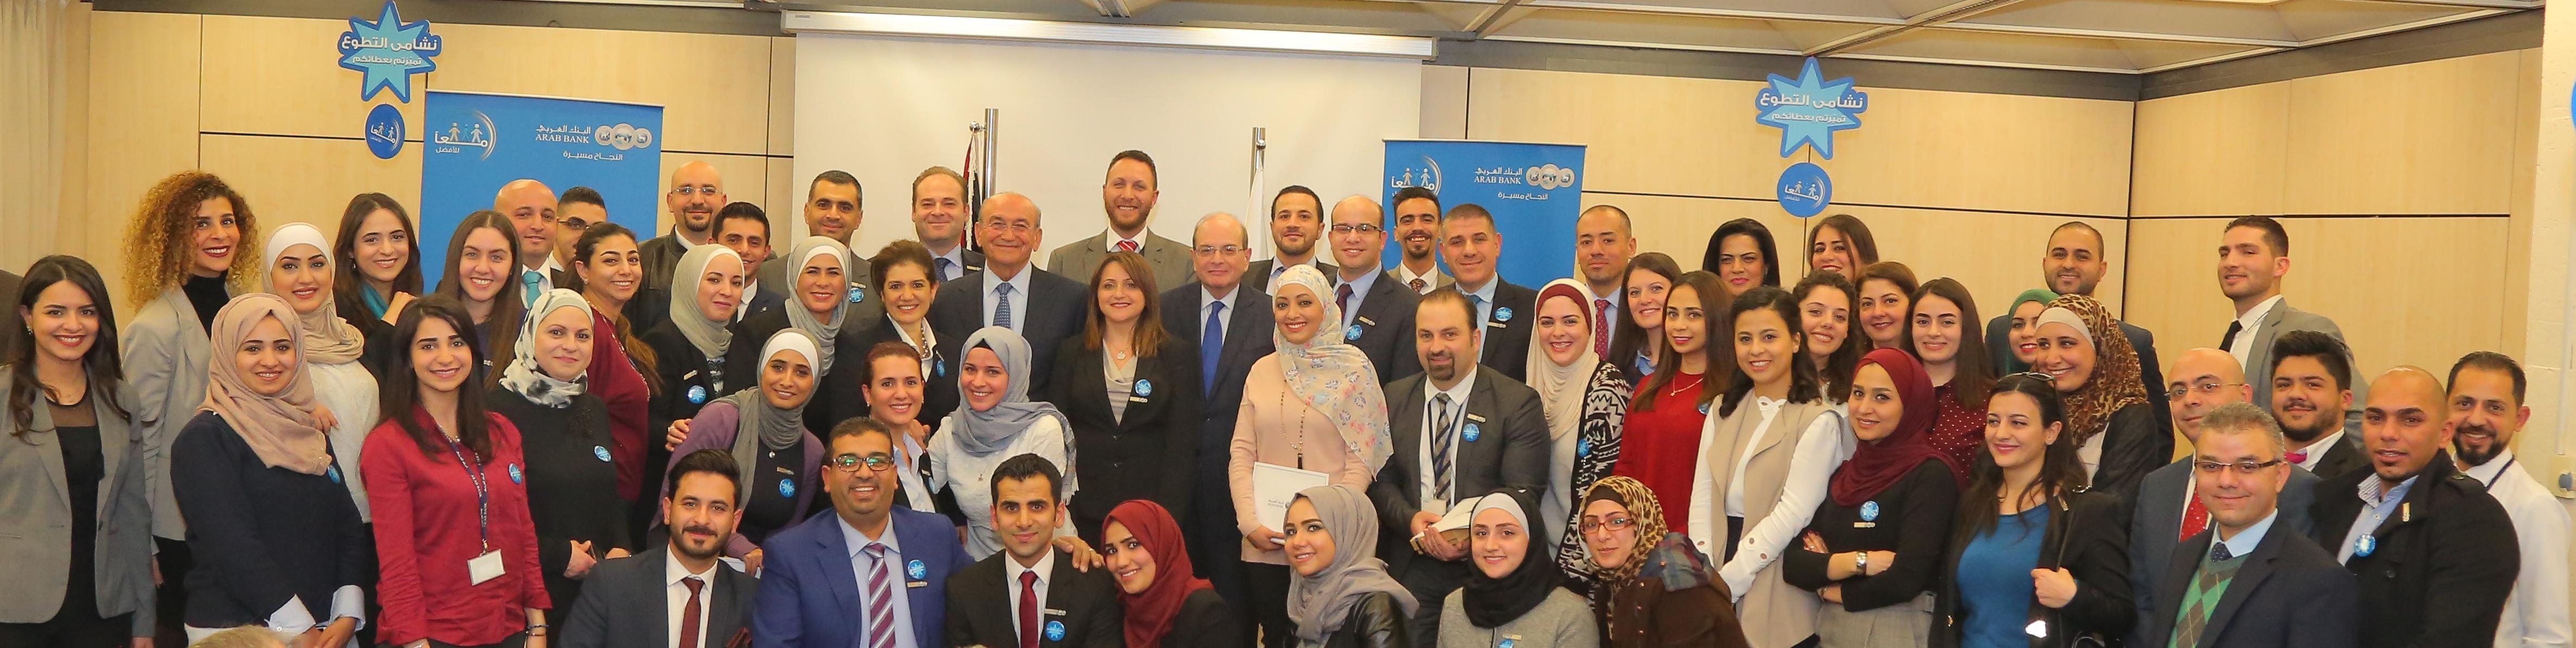 """البنك العربي يكرّم موظفيه المتطوعين في برنامج """"معاً"""" للمسؤولية الاجتماعية"""